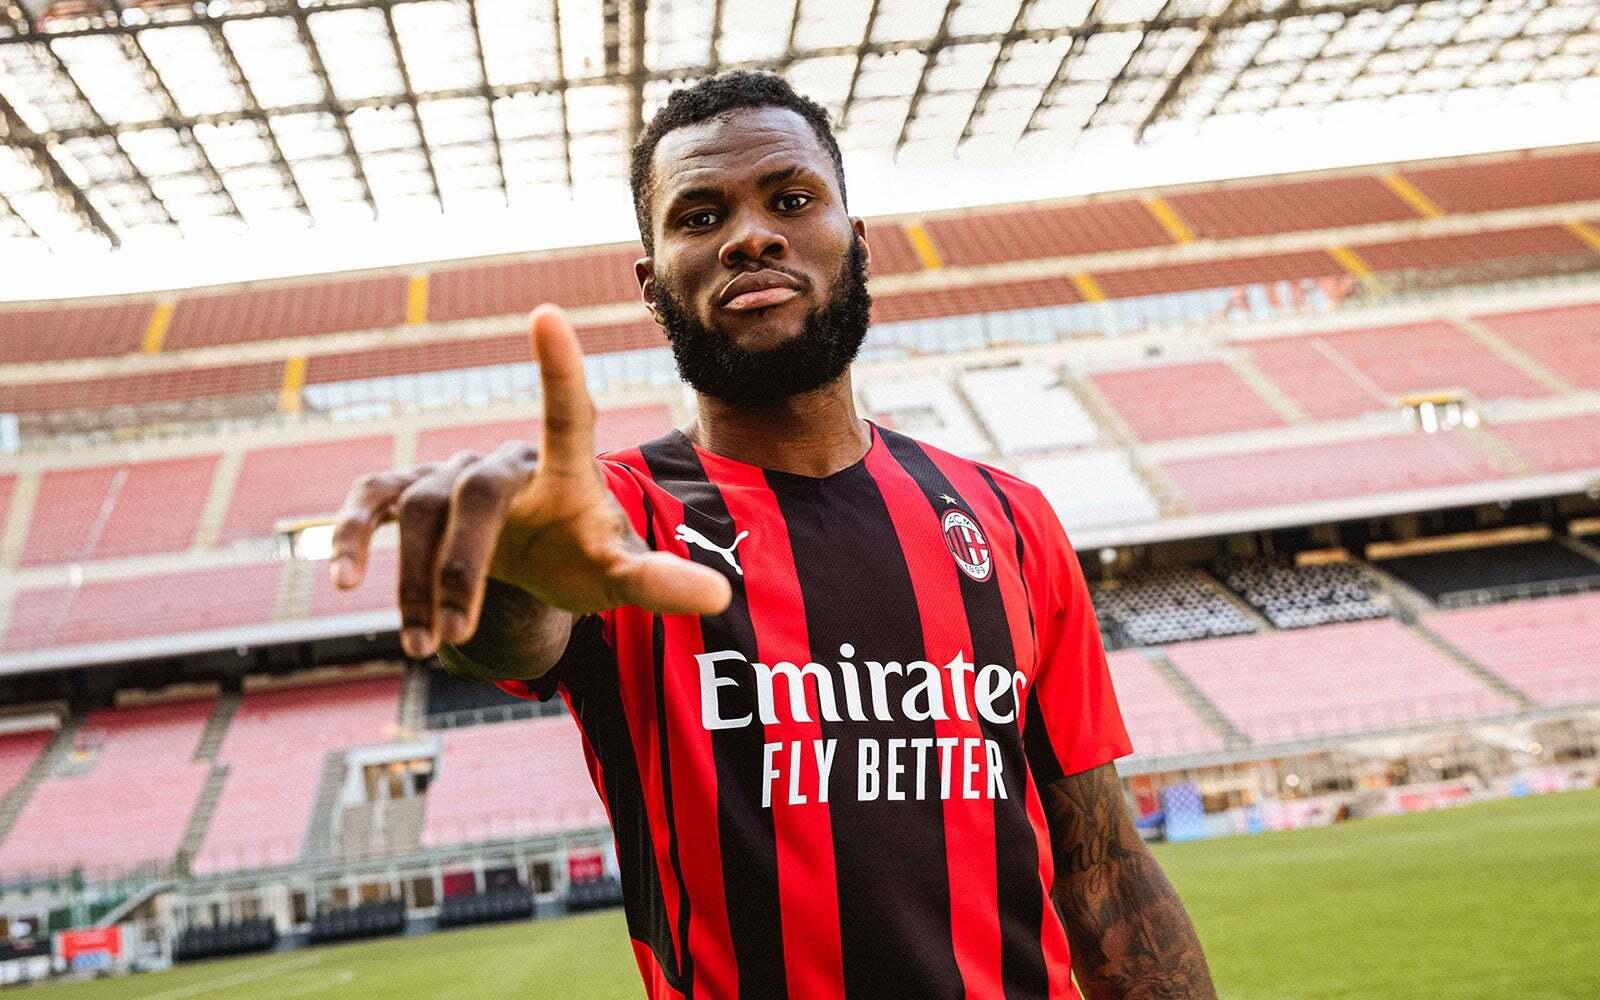 De acordo com informações divulgadas pelo diário Gazzetta dello Sport, desta vez o Paris Saint-Germain (PSG) está interessado em Franck Kessié, que atualmente defende o Milan